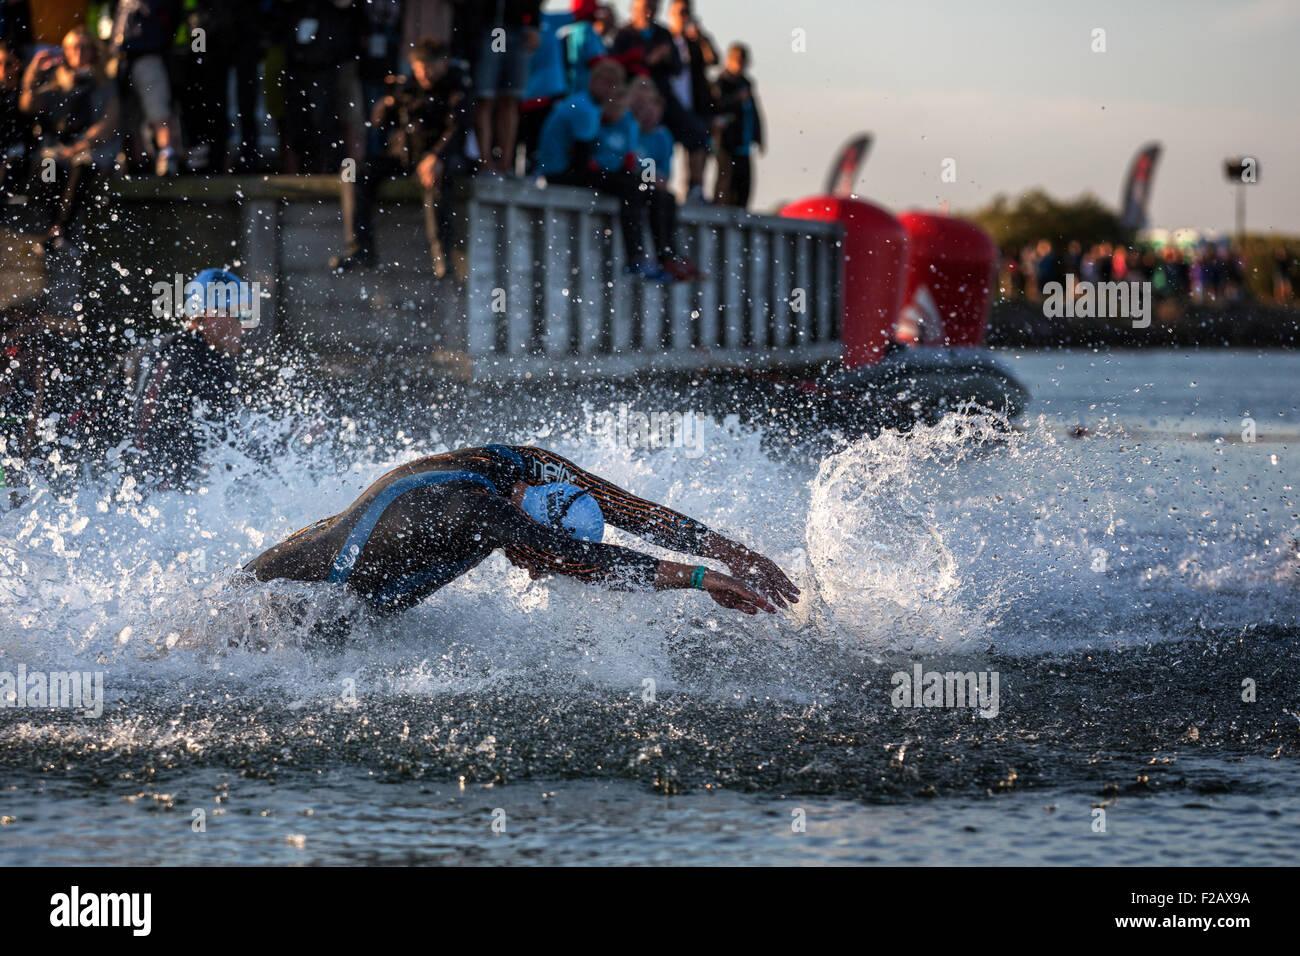 Les participants de l'Ironman Triathlon de commencer la course dans les brisants, Amager Strandpark, Copenhague, Photo Stock